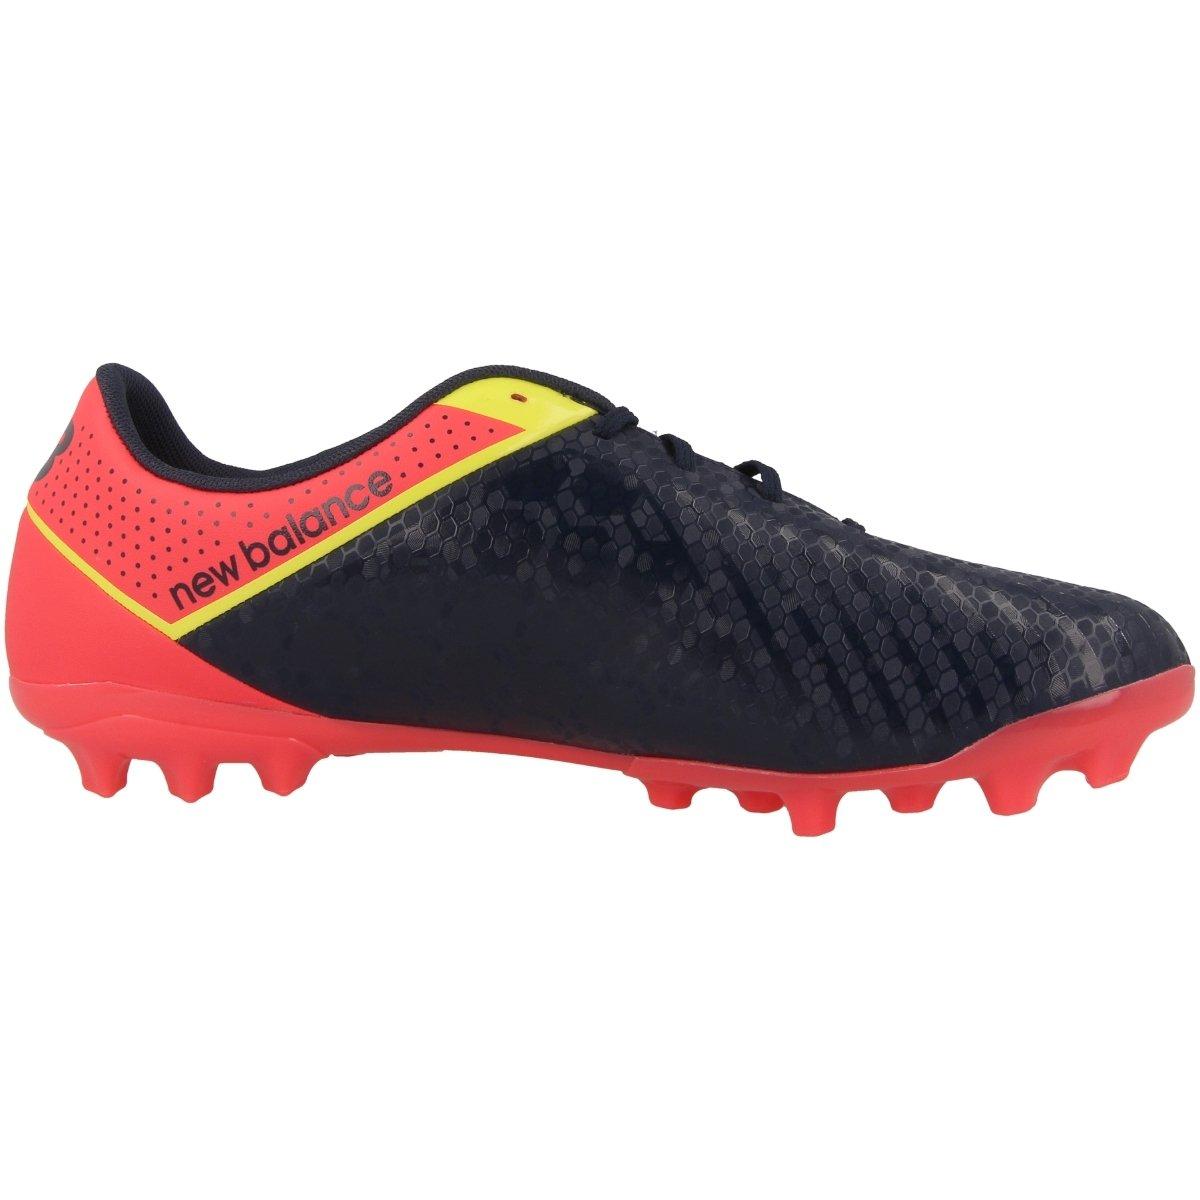 Bota Visaro Control AG Galaxy Talla 11 USA: Amazon.es: Zapatos y complementos